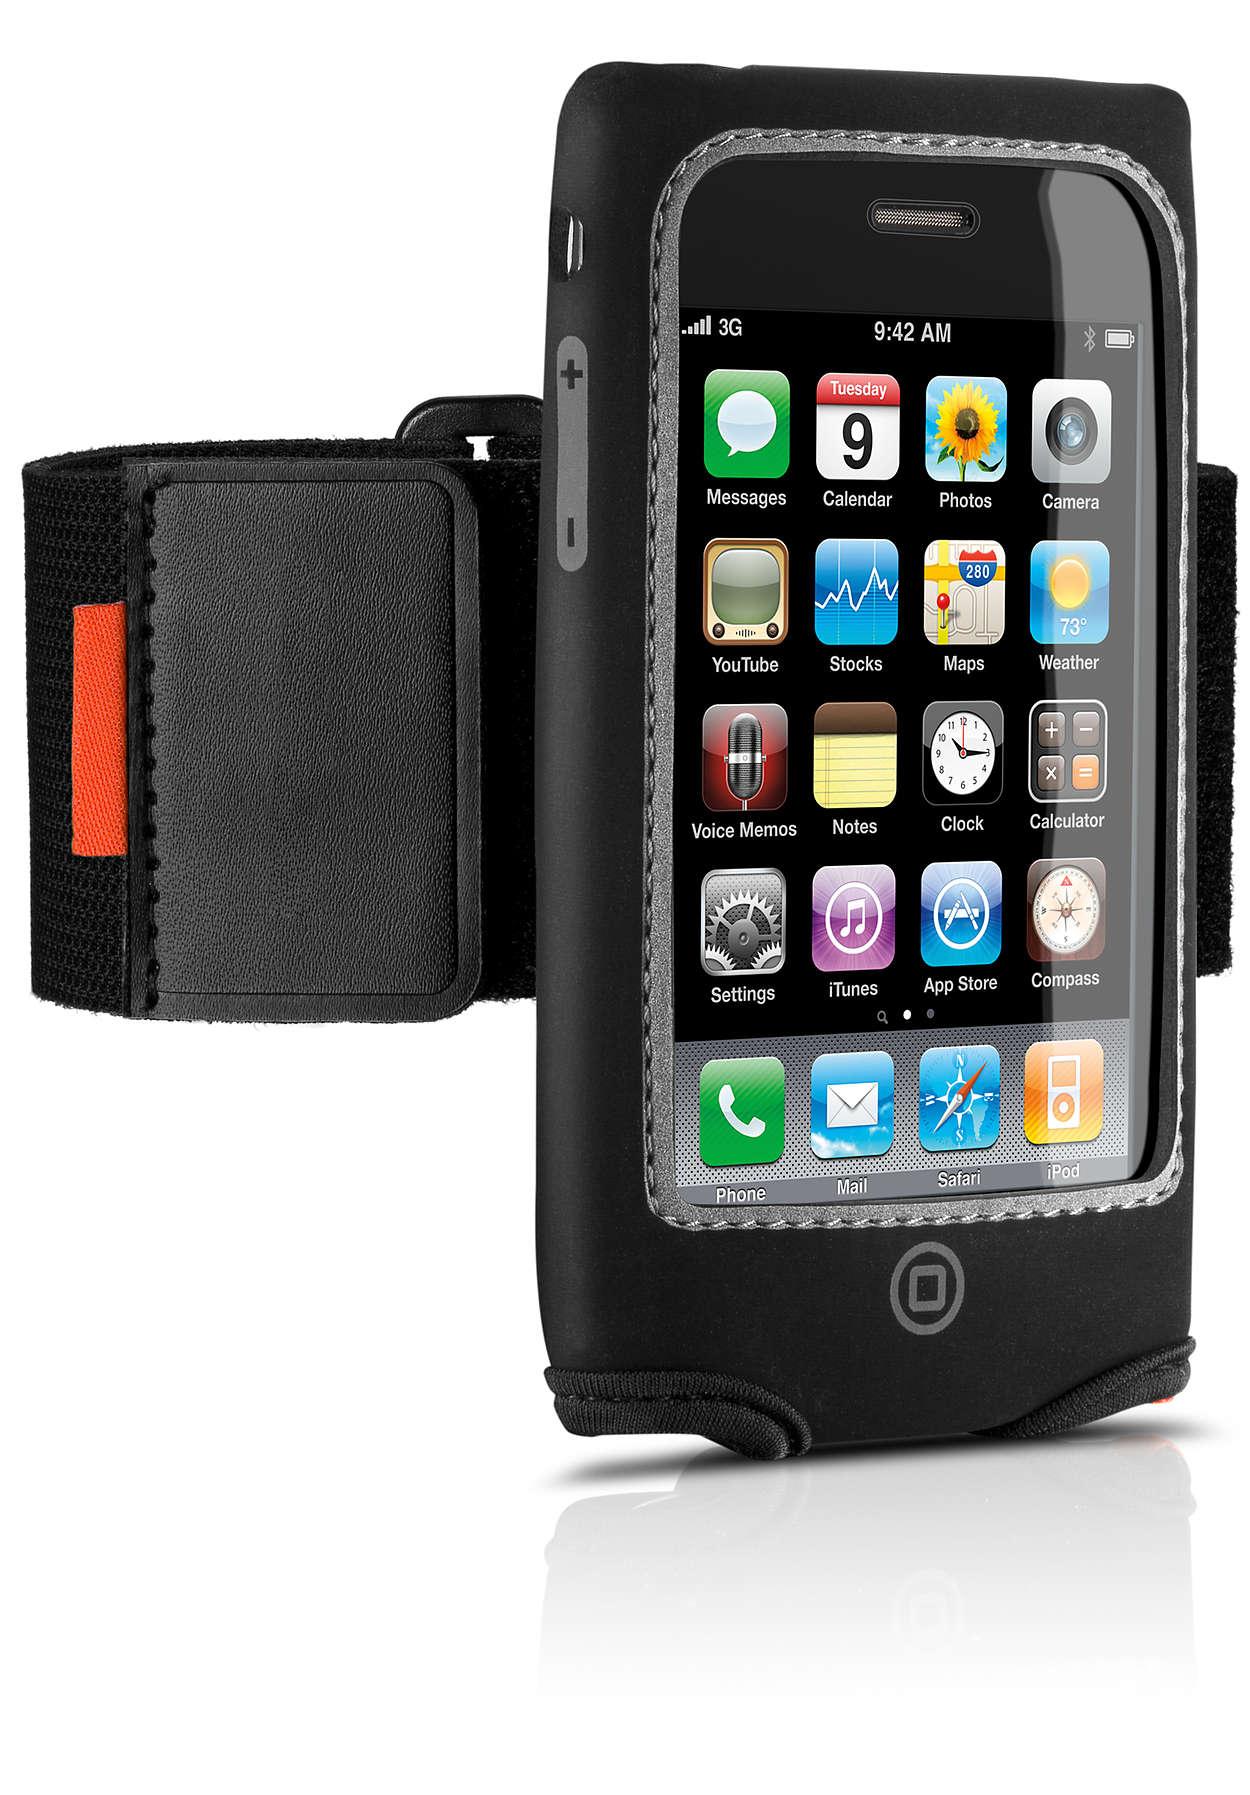 Entraînez-vous avec votre iPhone